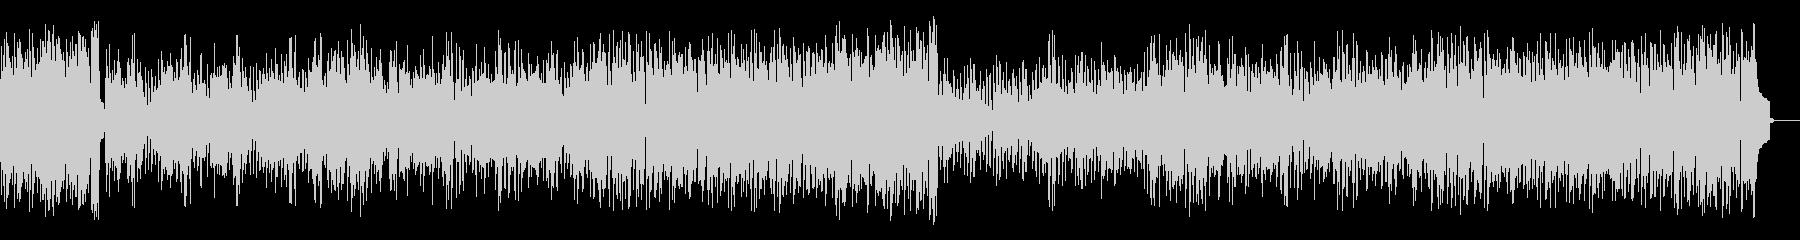 懐かしさに浸るジャズ(フルサイズ)の未再生の波形